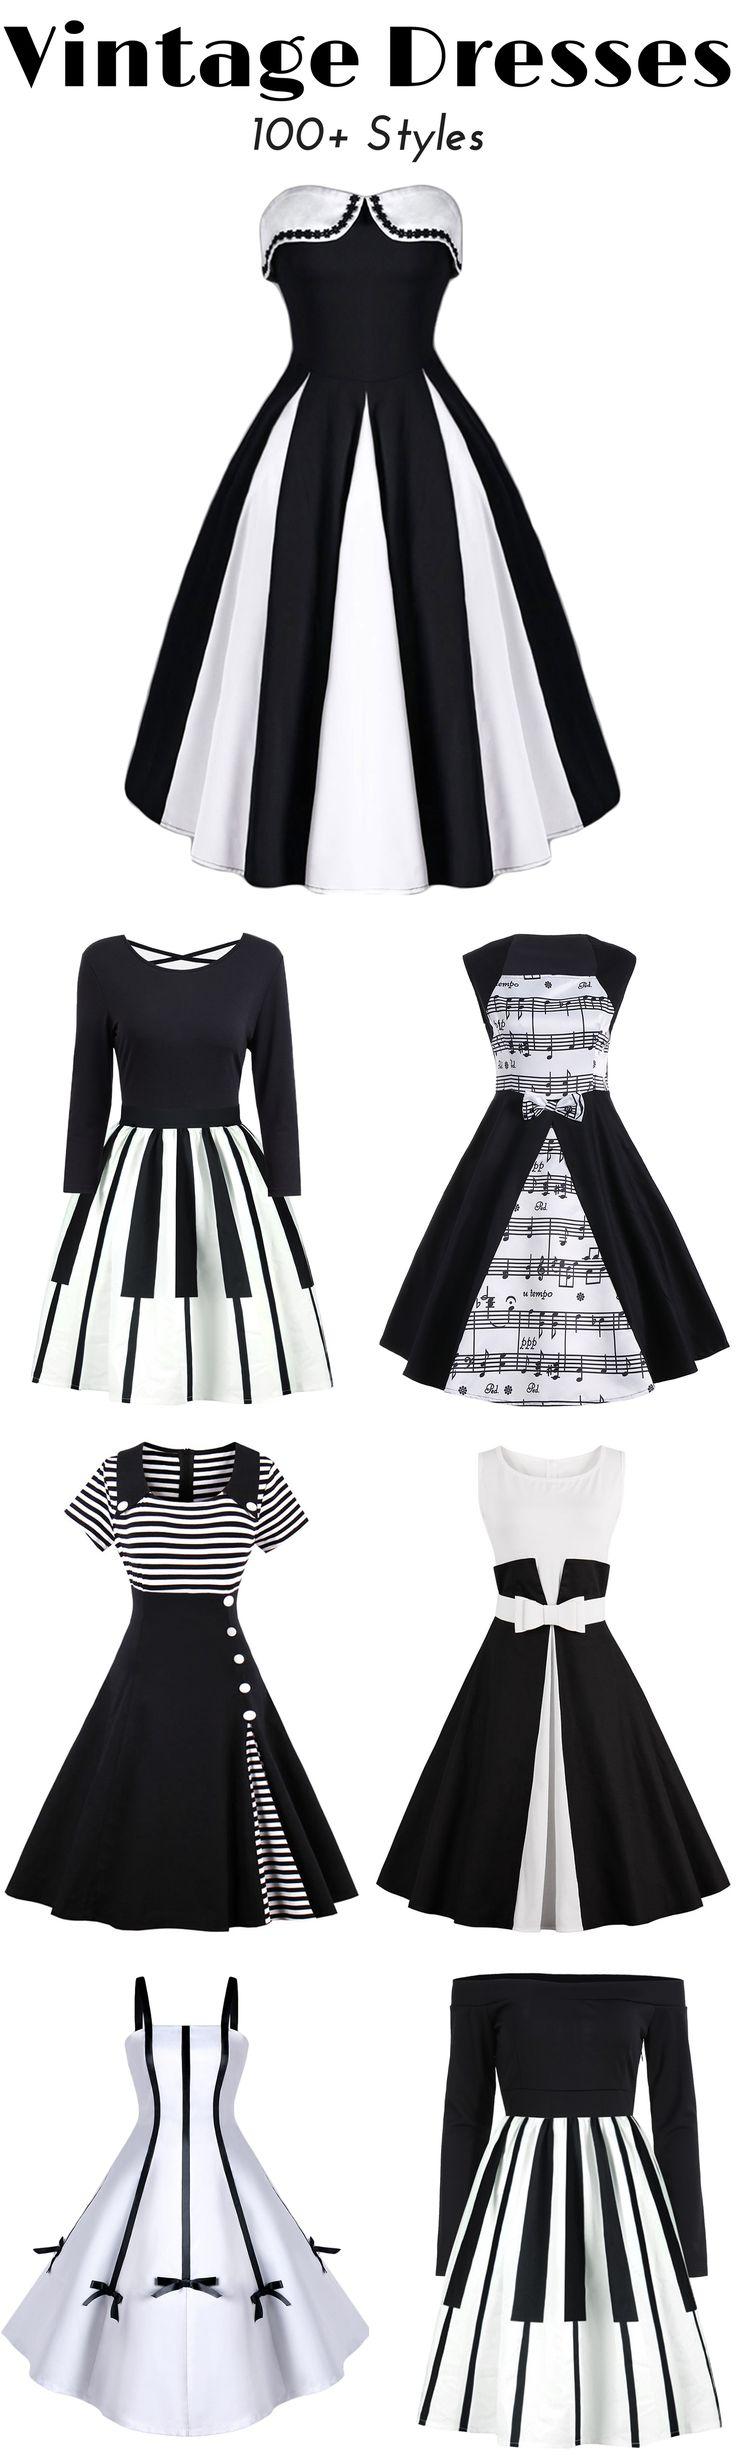 100+ Vintage Dresses for Women | Low to $12 | Sammydress.com | #vintage #dress #womenfashion